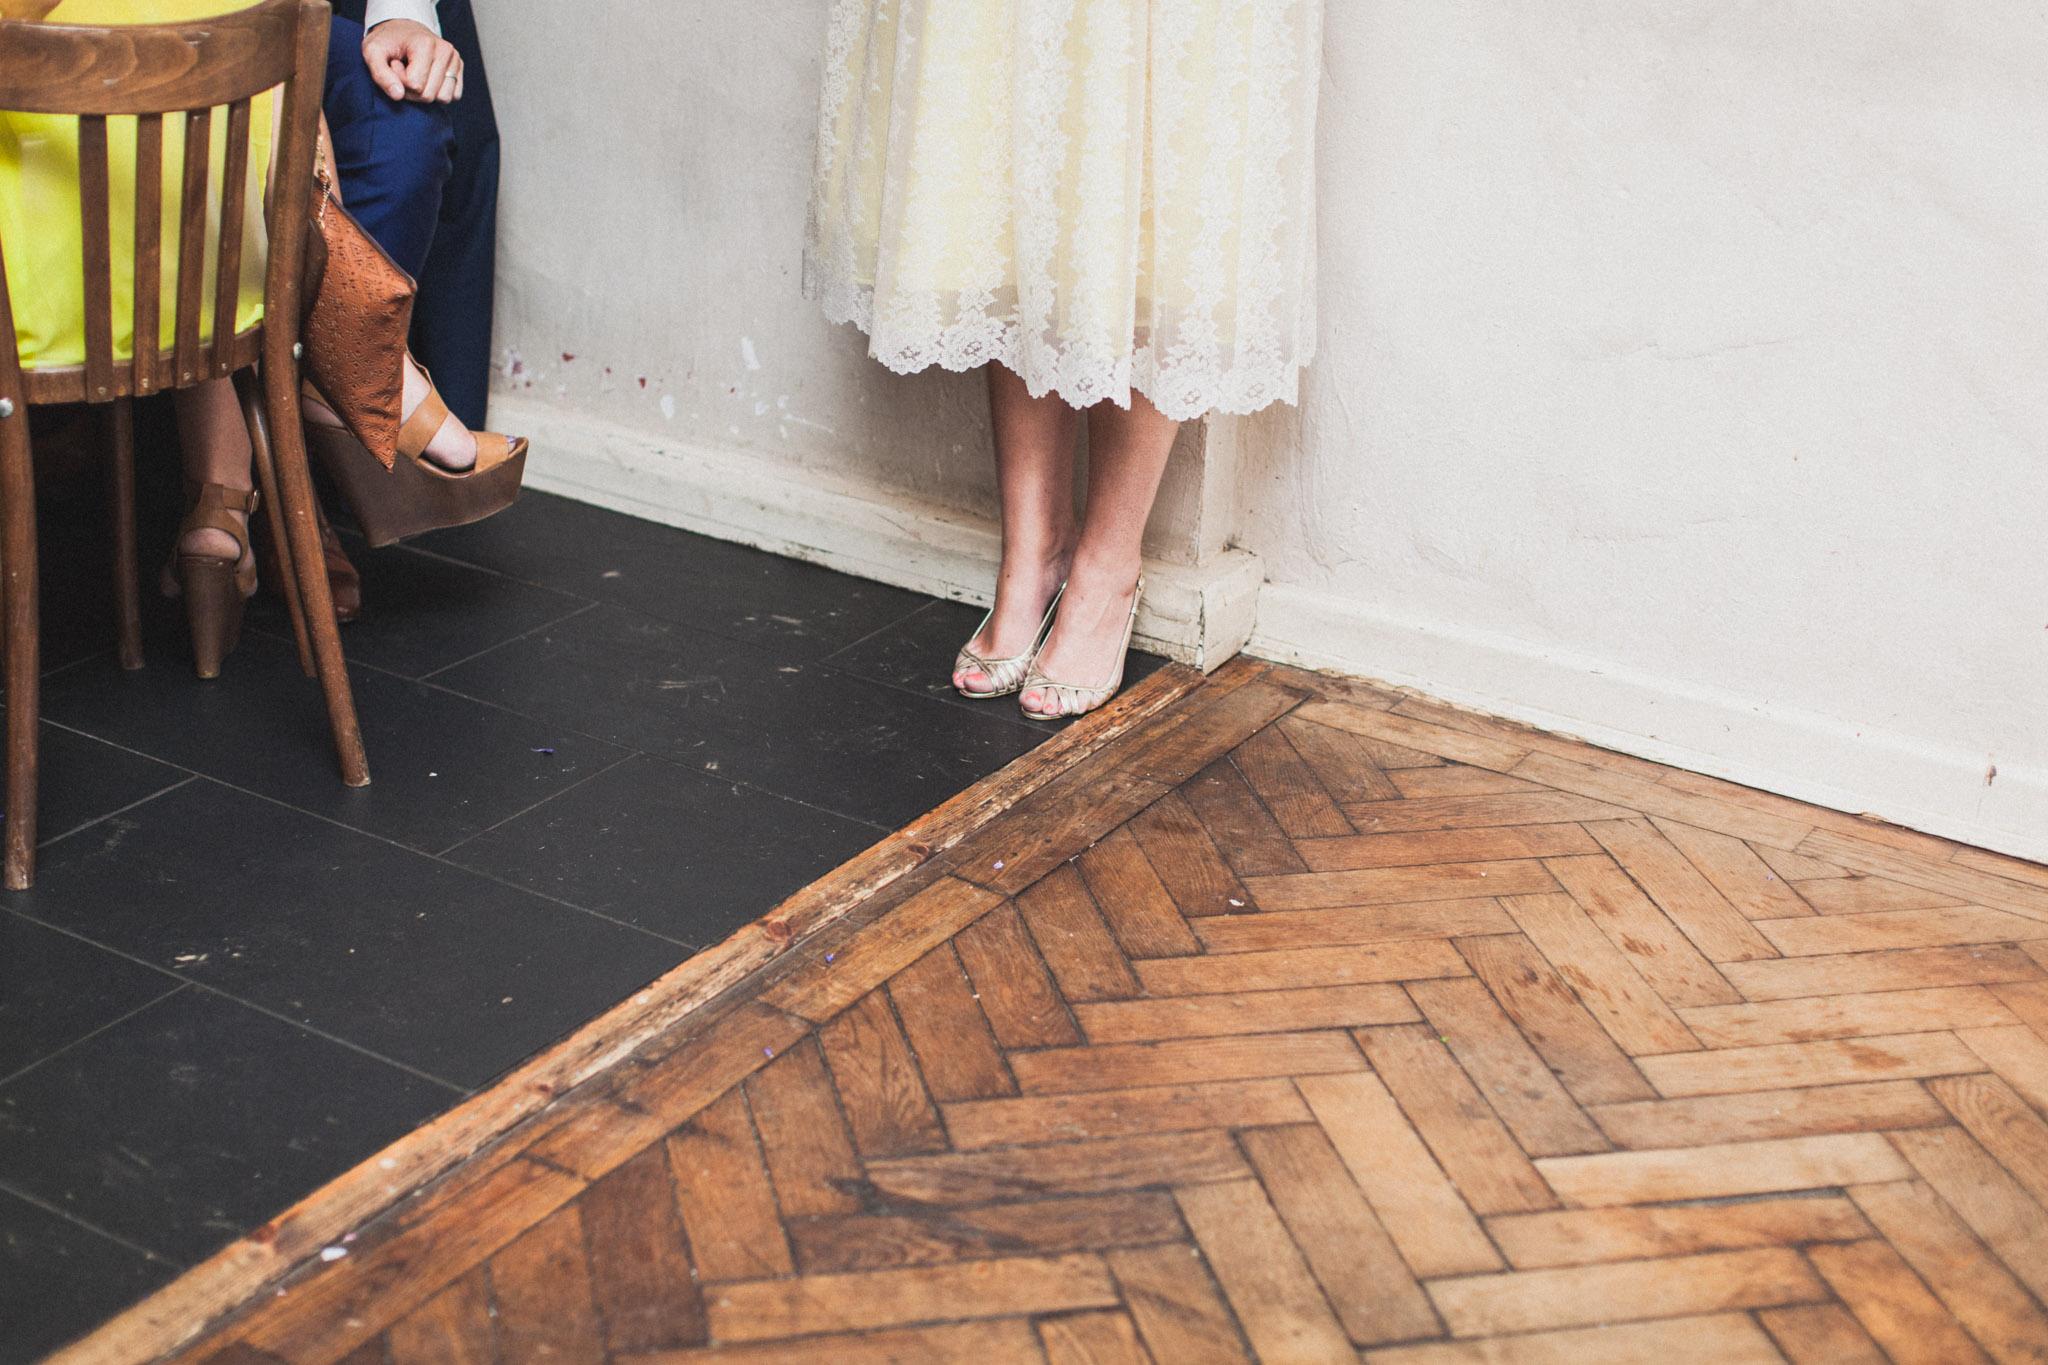 lewes_wedding_photographer_0081.jpg